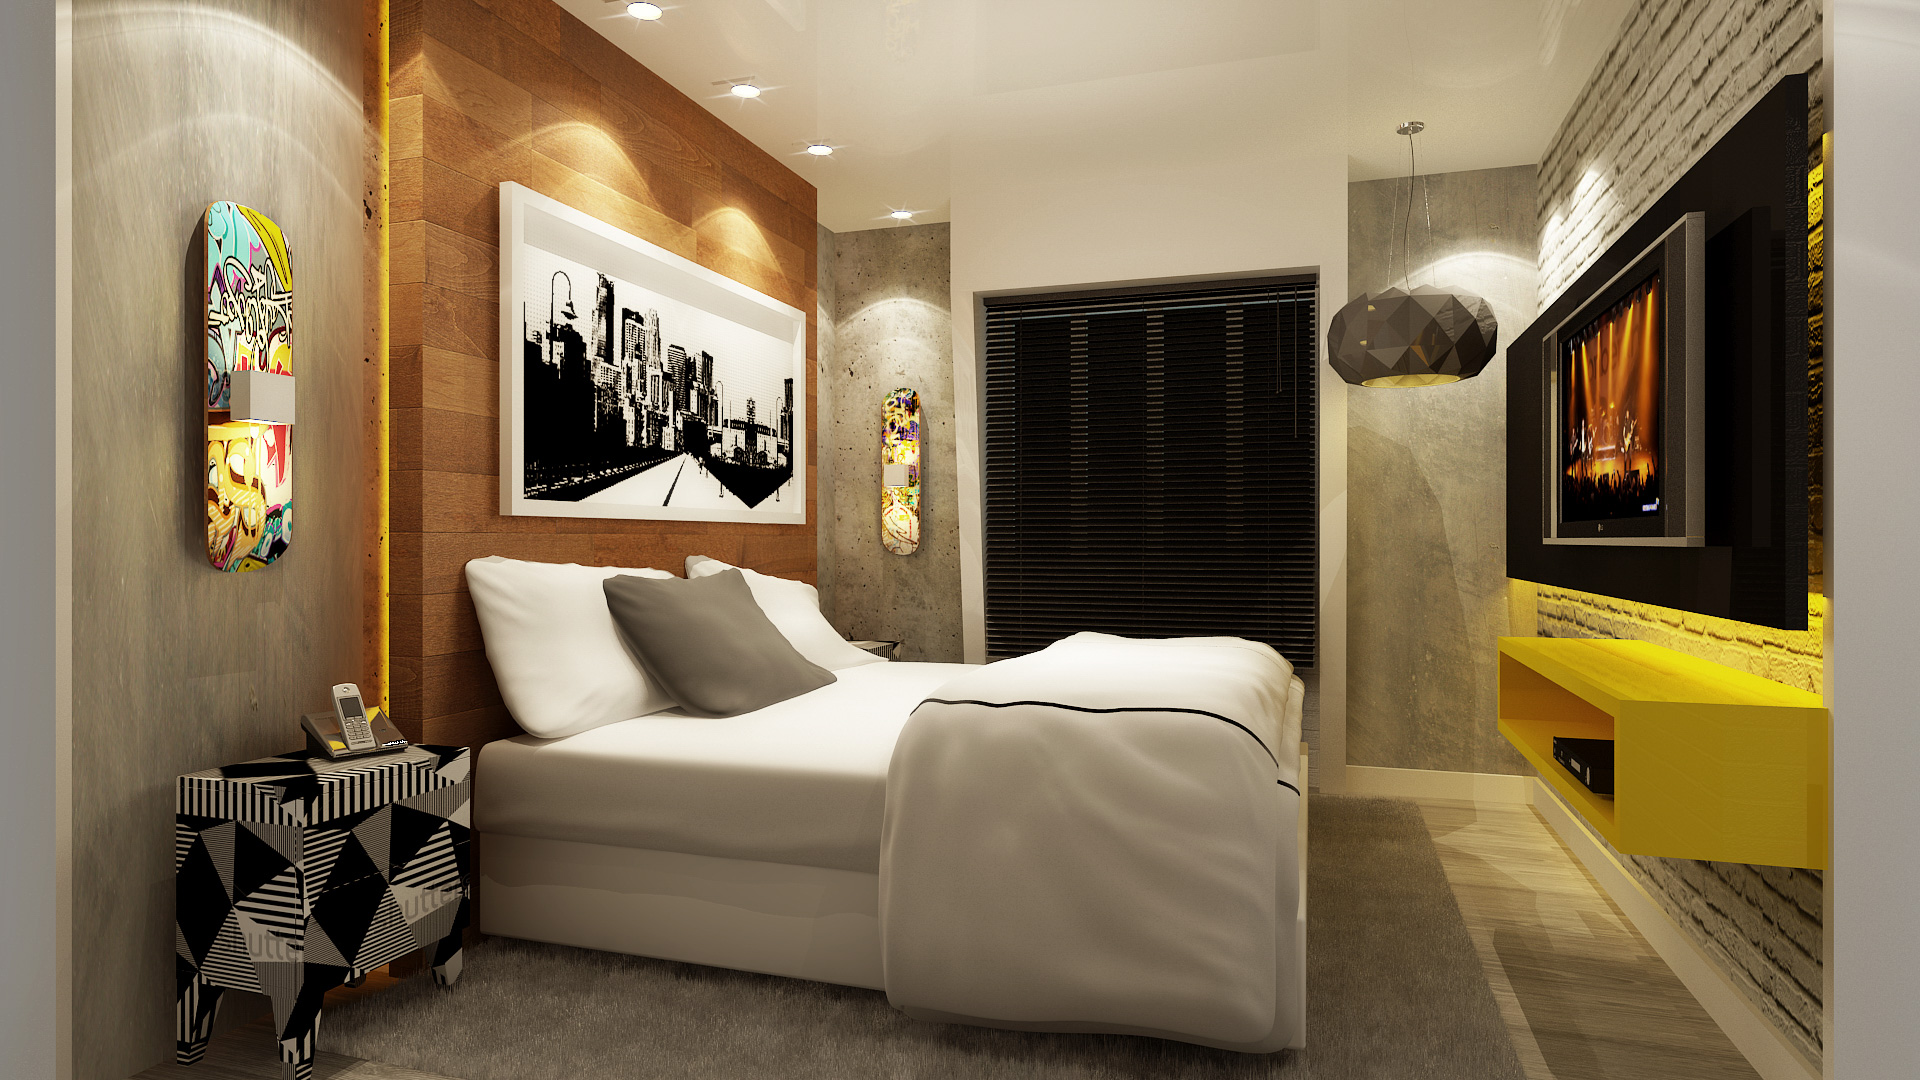 01-quarto-design-interiores-mazzark-arquitetos-marmorato-rac-amarelo